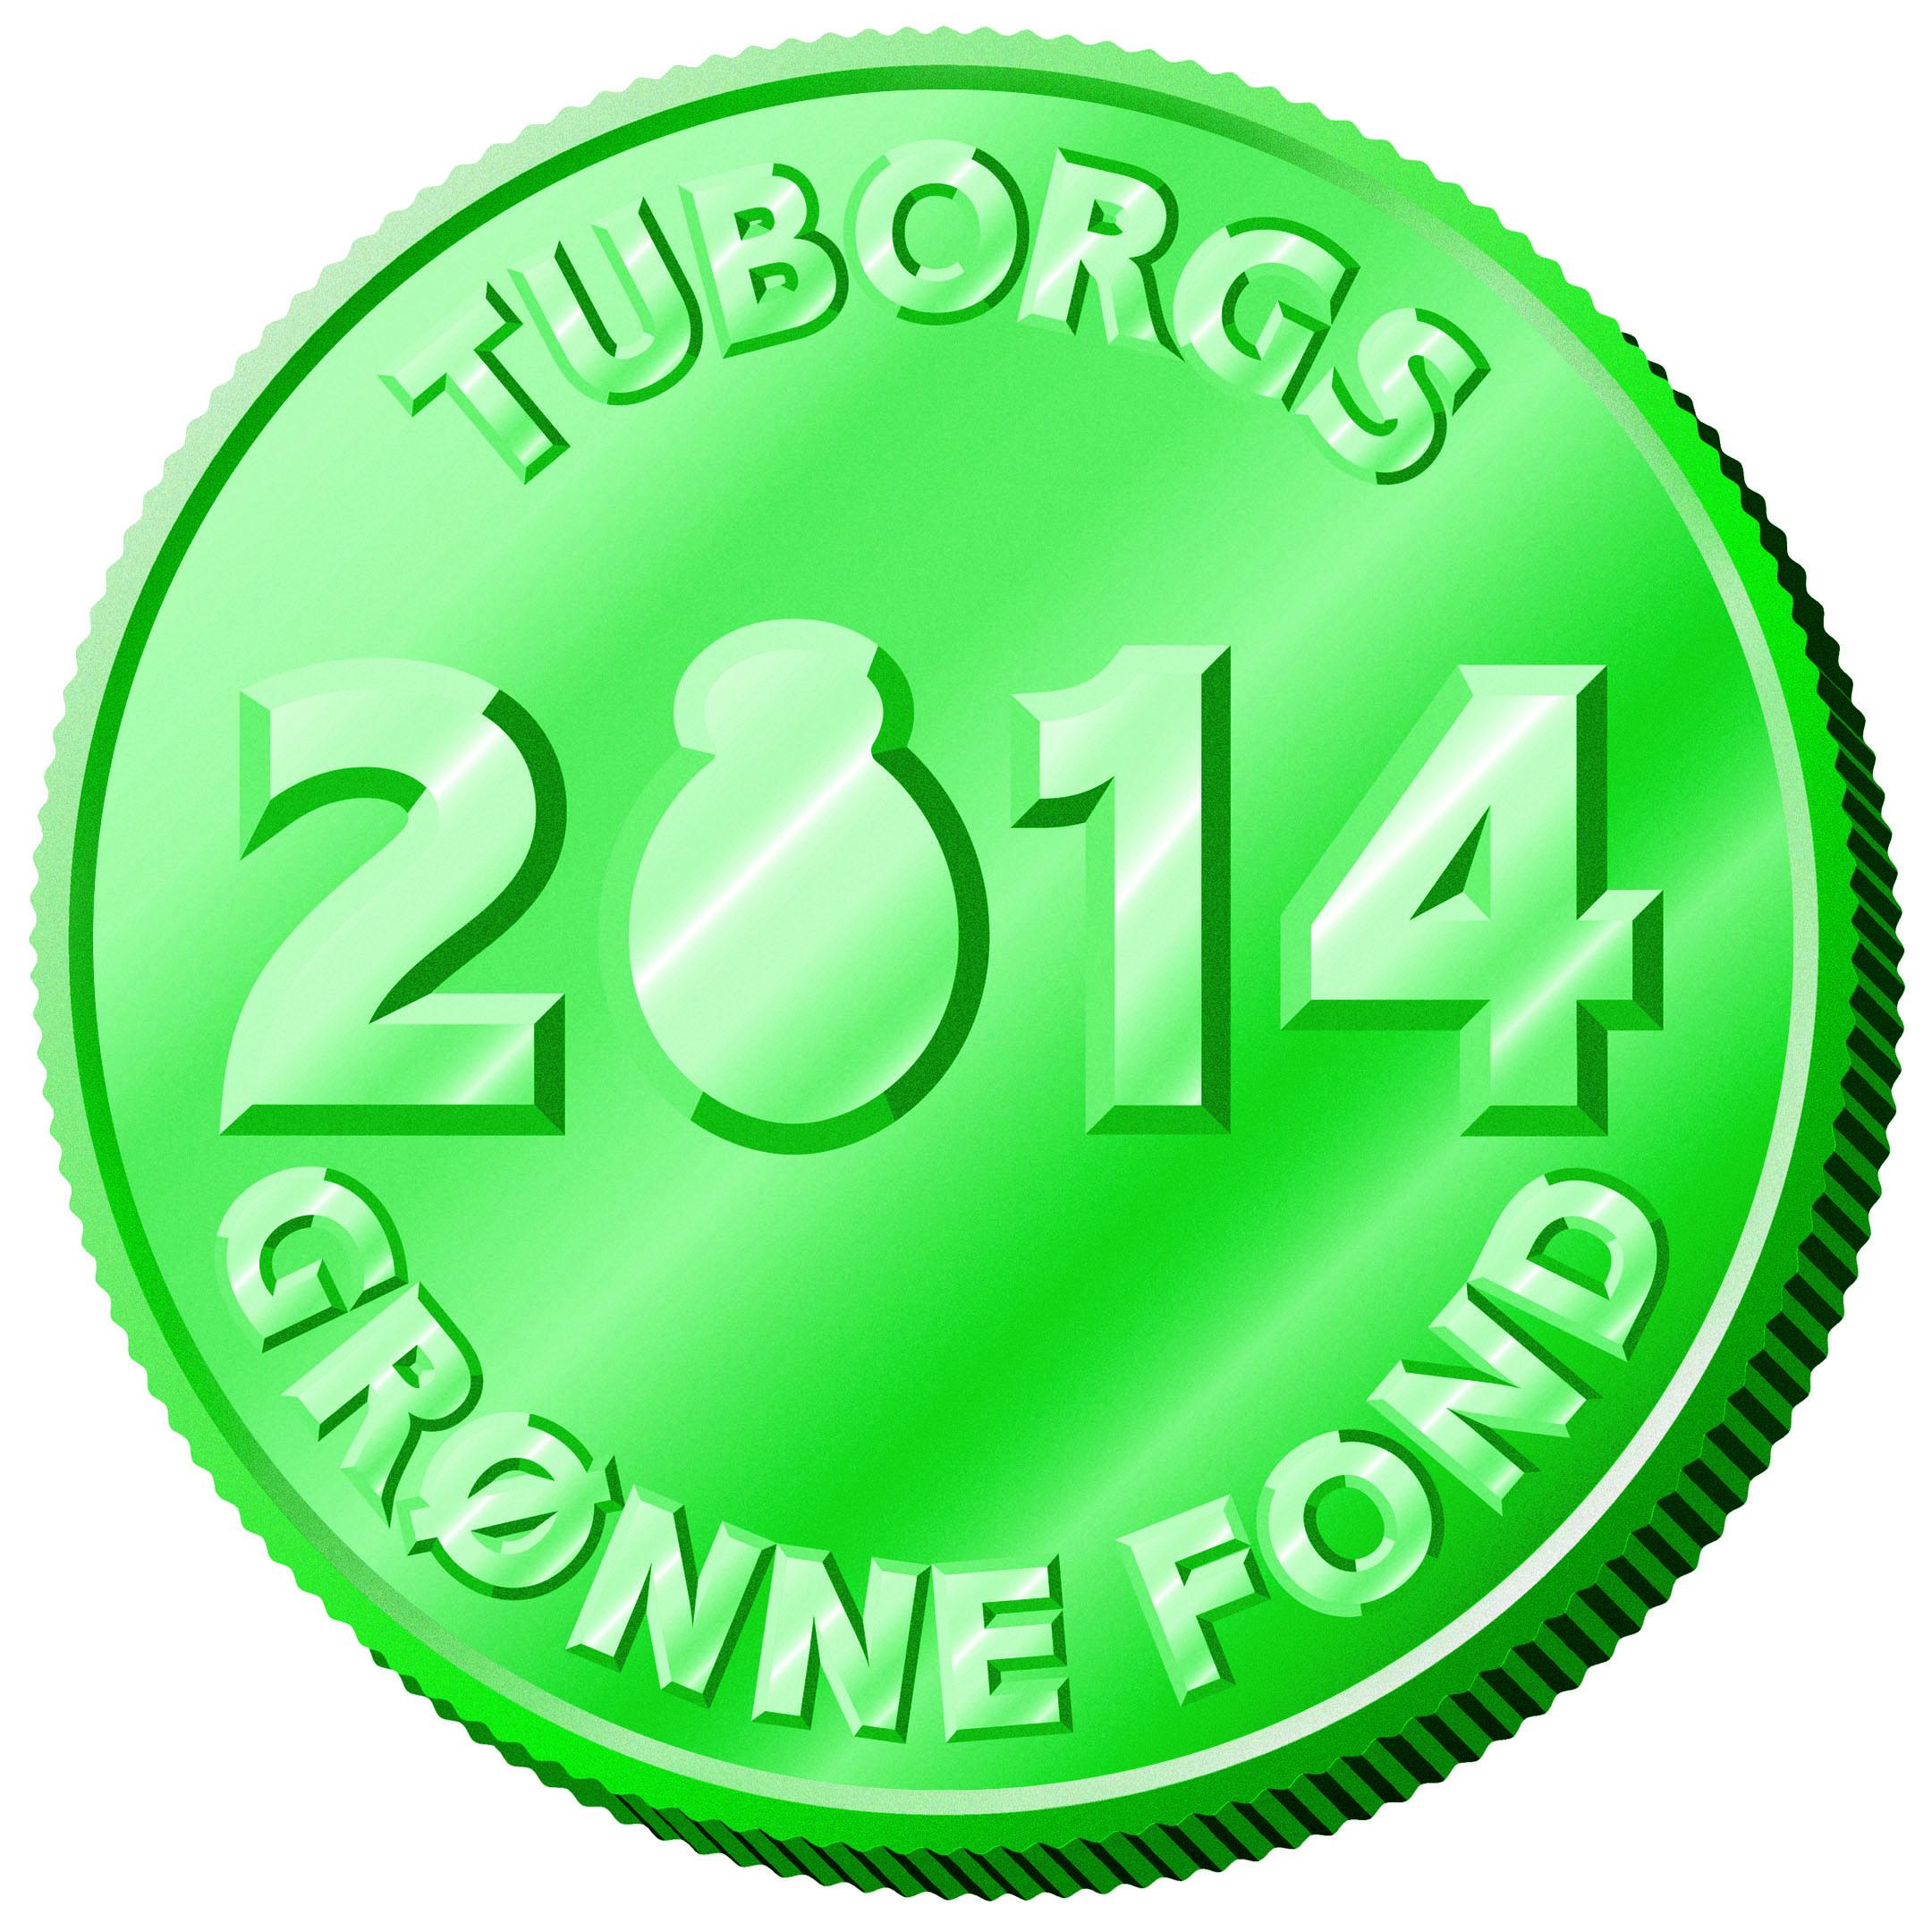 Tuborgs_G_Fond_2014_72dpi